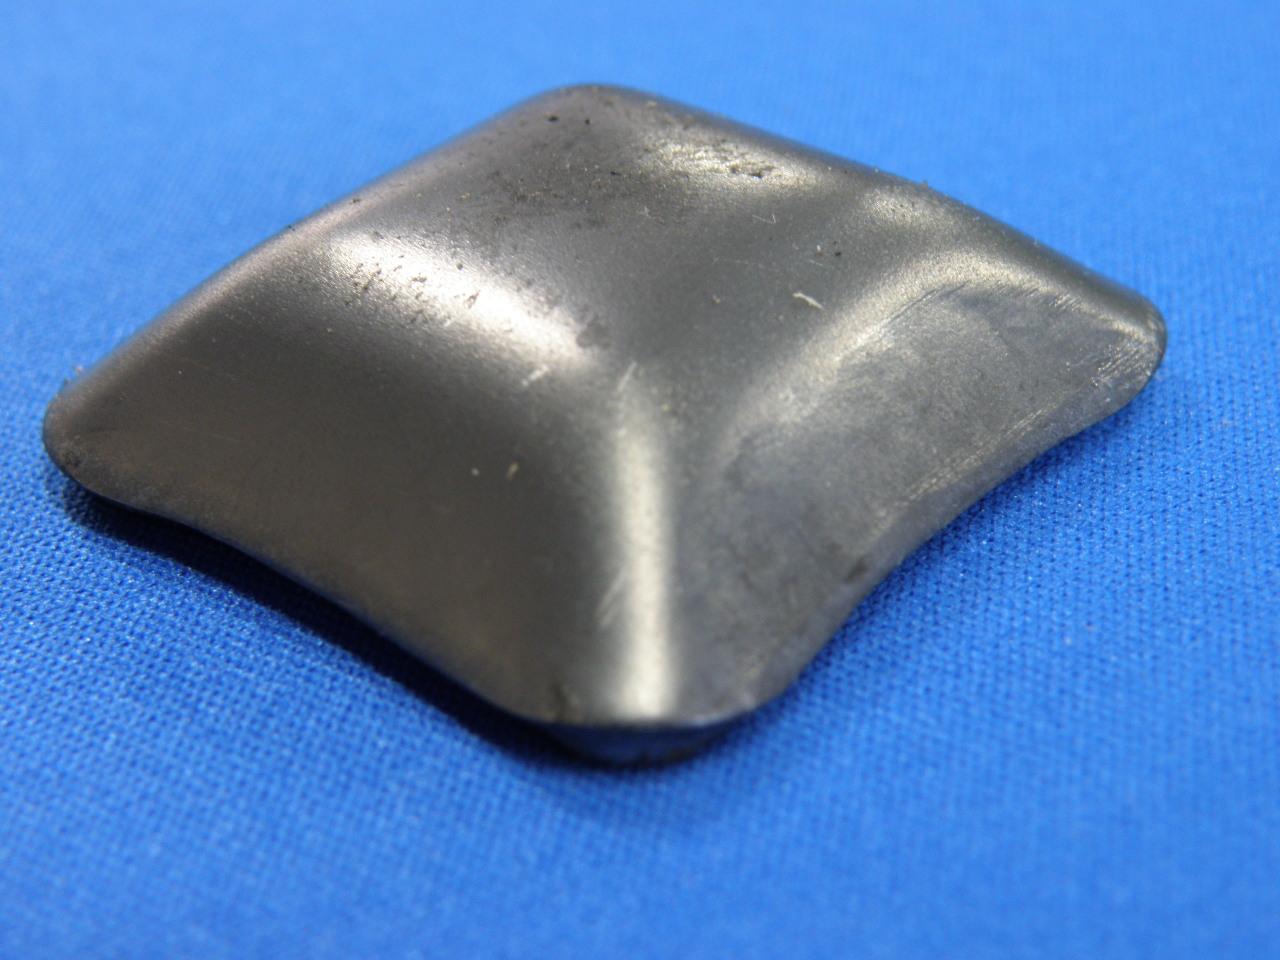 C-3 40角キャップ(溶接用)画像